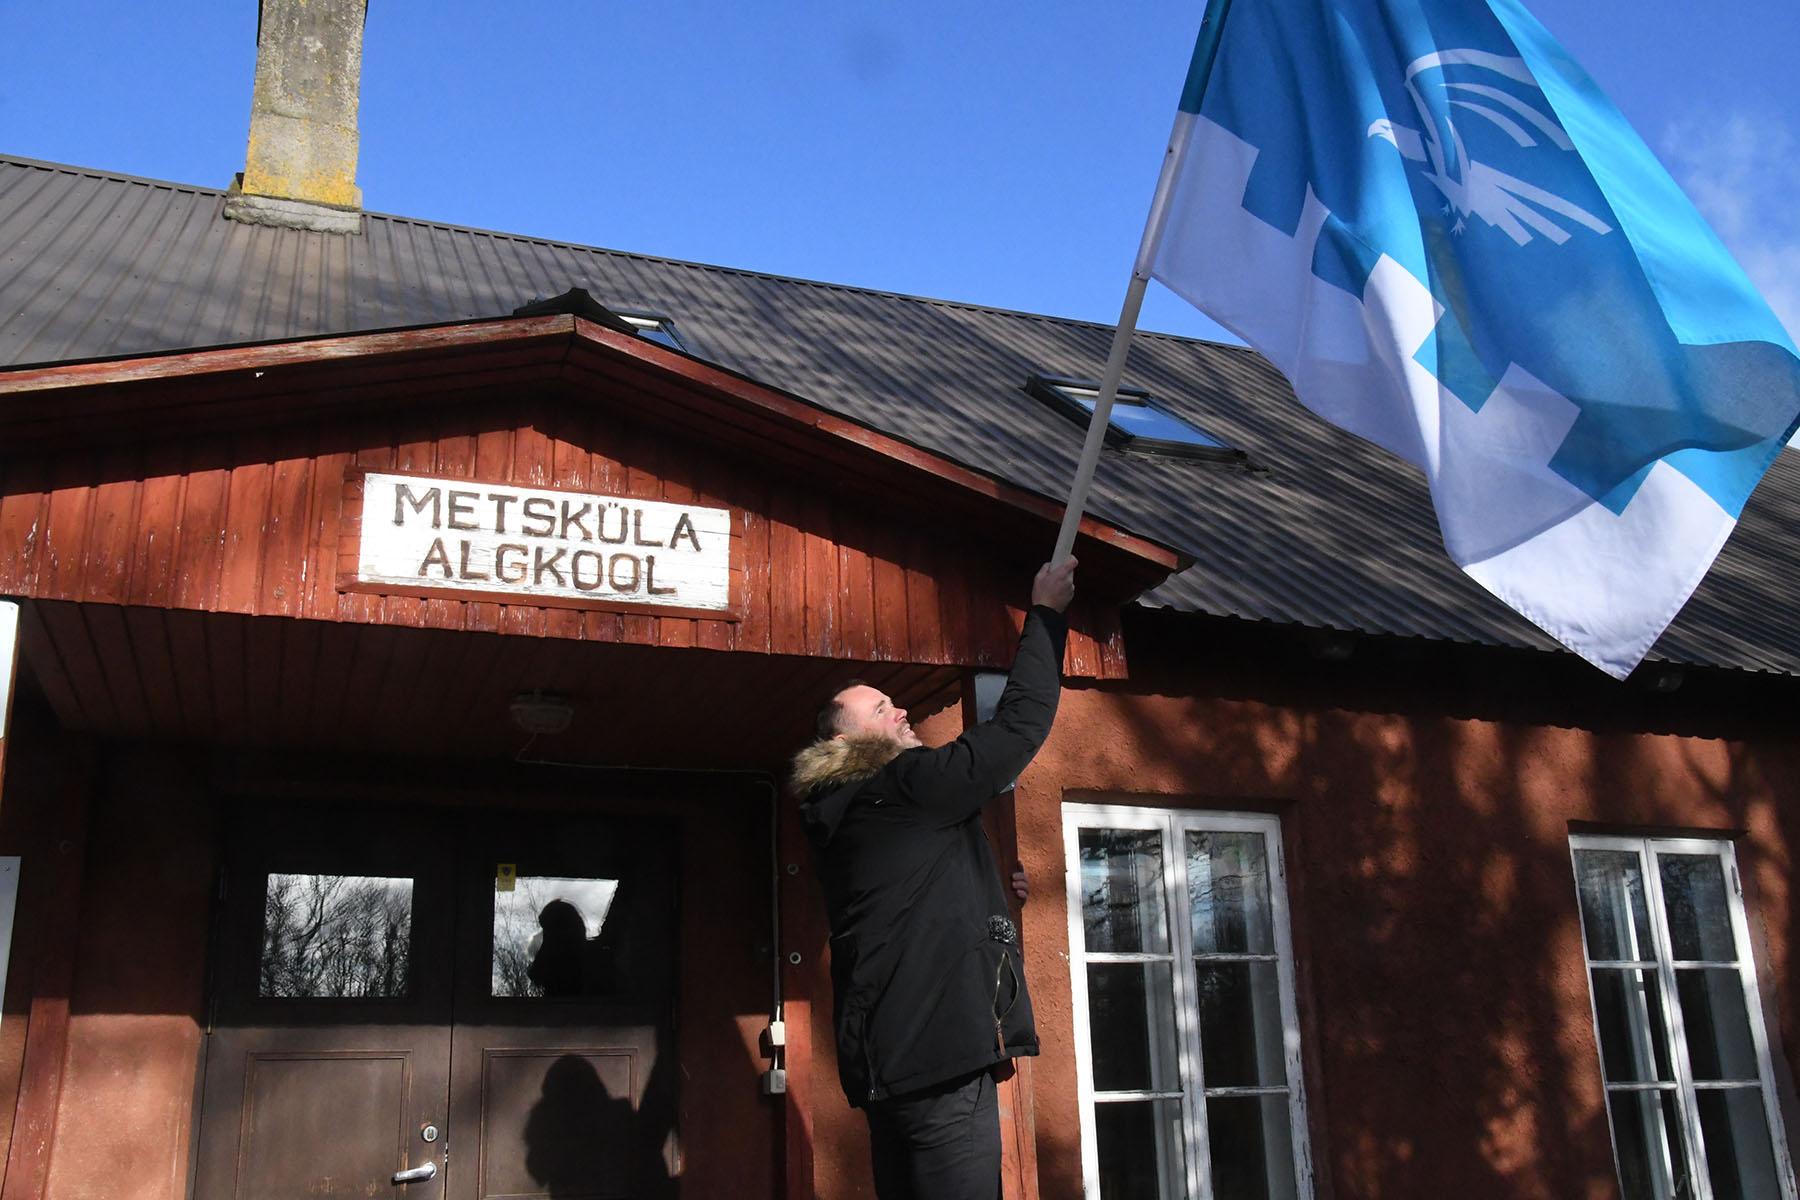 Metsküla kooli vilistlane Märten Hermik vabastab tuulest keerdu kammitsetud oma kooli lipu uuesti vabalt lehvima. Foto Urmas Saard